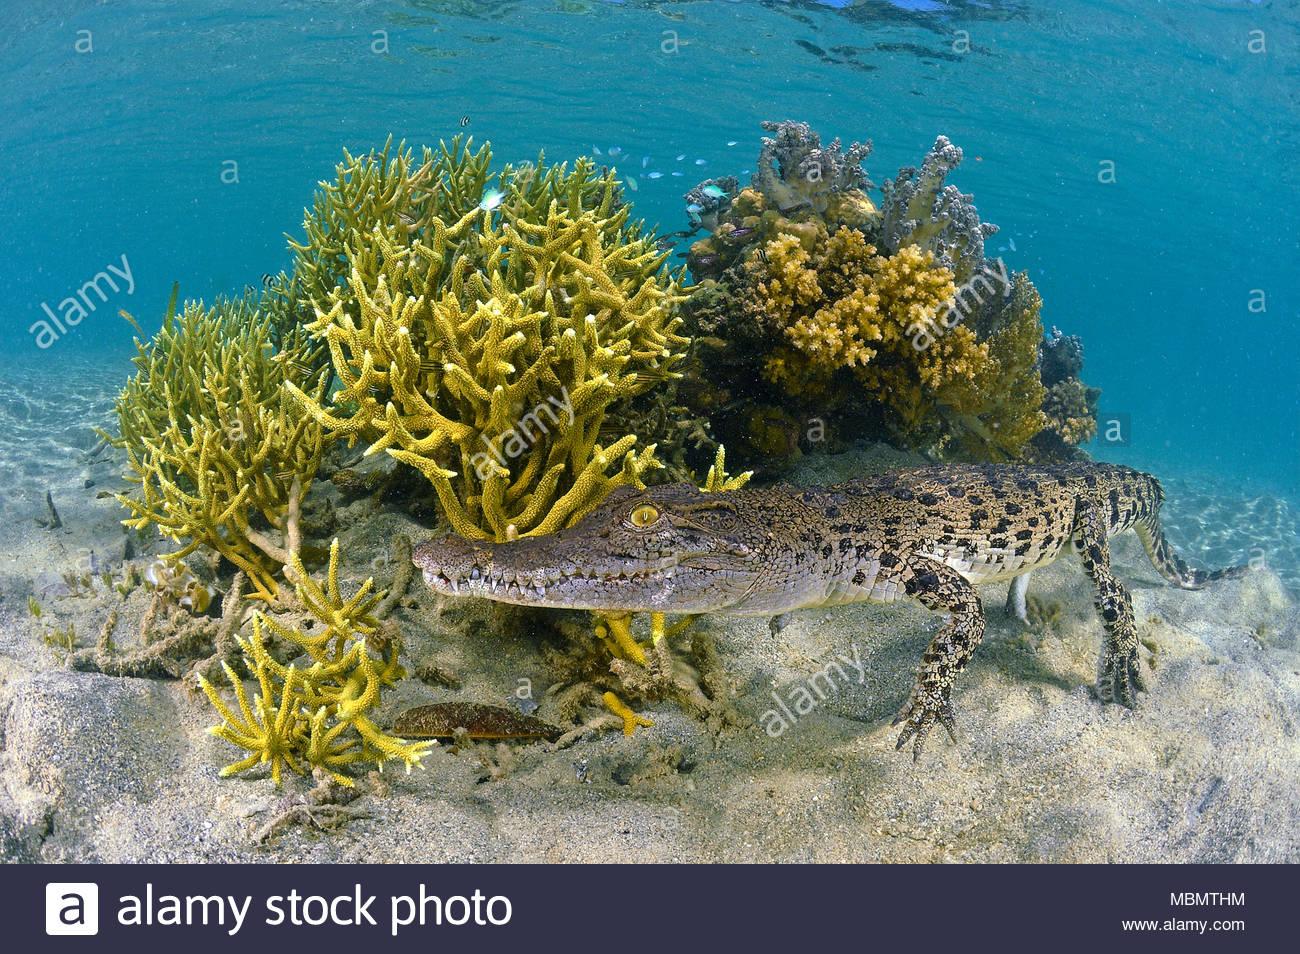 Saltwater crocodile (Crocodylus porosus) à une barrière de corail, le plus grand de tous les reptiles vivants, Kimbe Bay, West New Britain, Papouasie Nouvelle Guinée Photo Stock